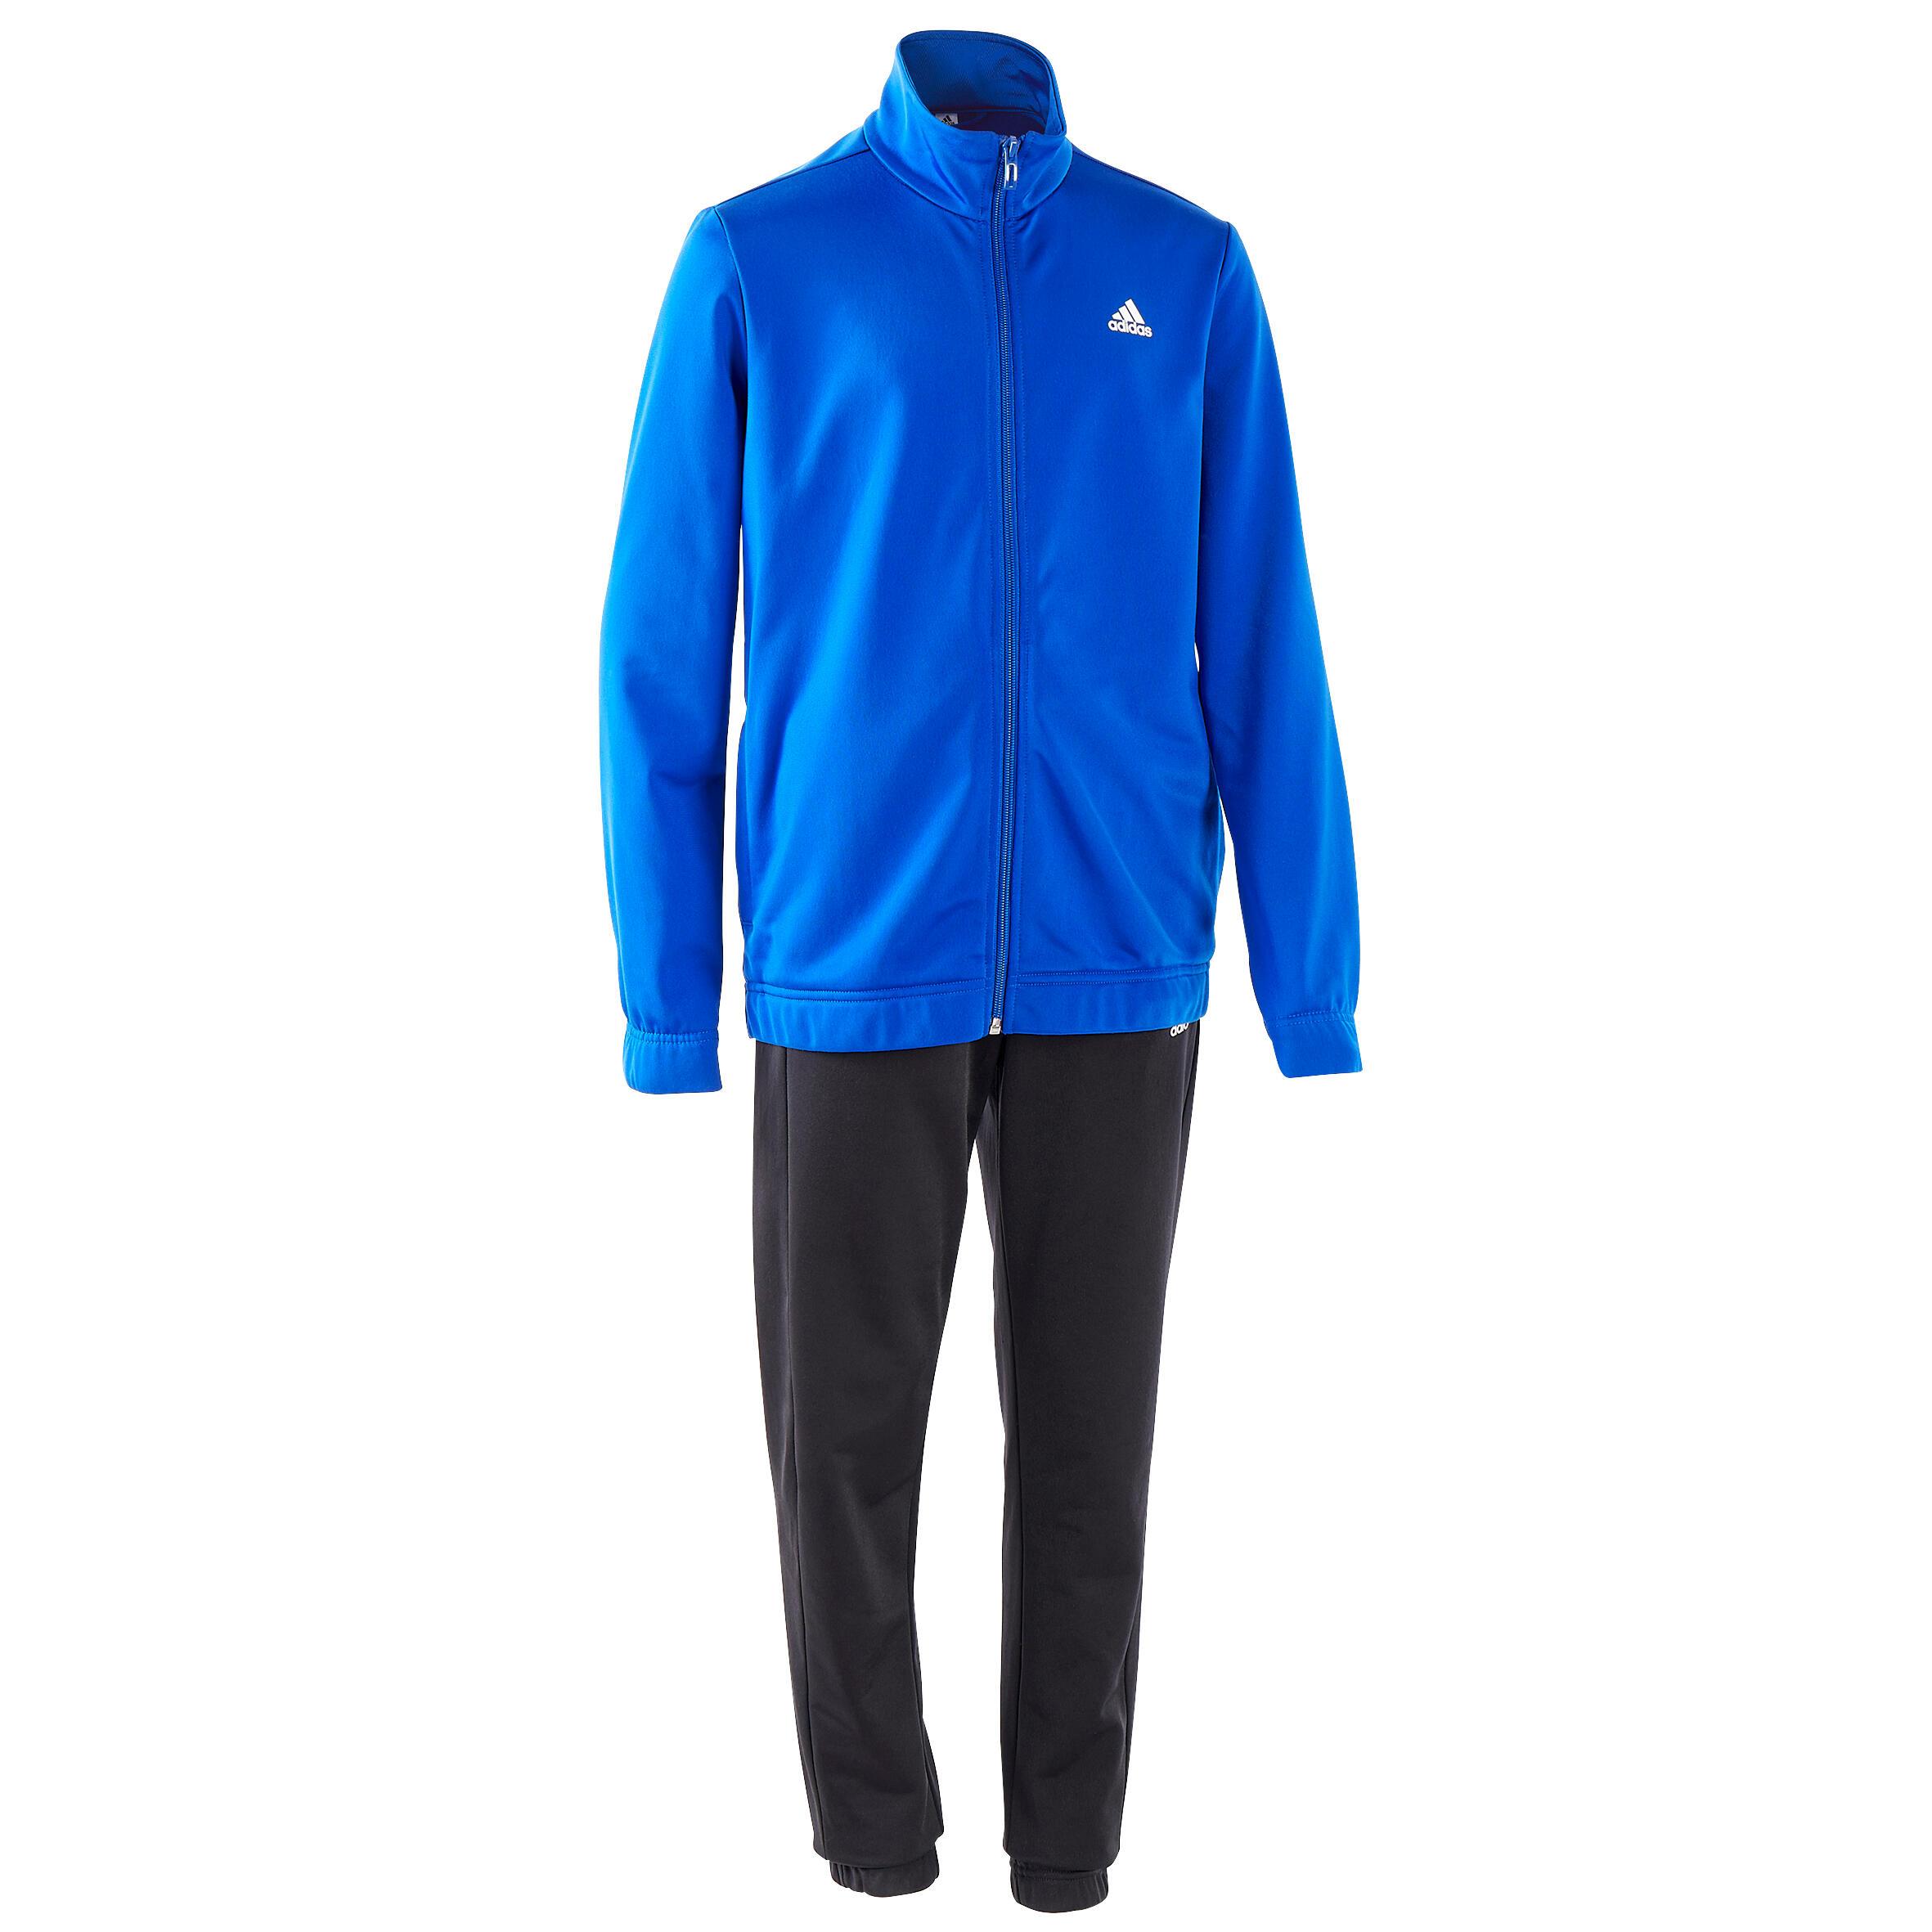 Trainingsanzug Adidas Kinder blau